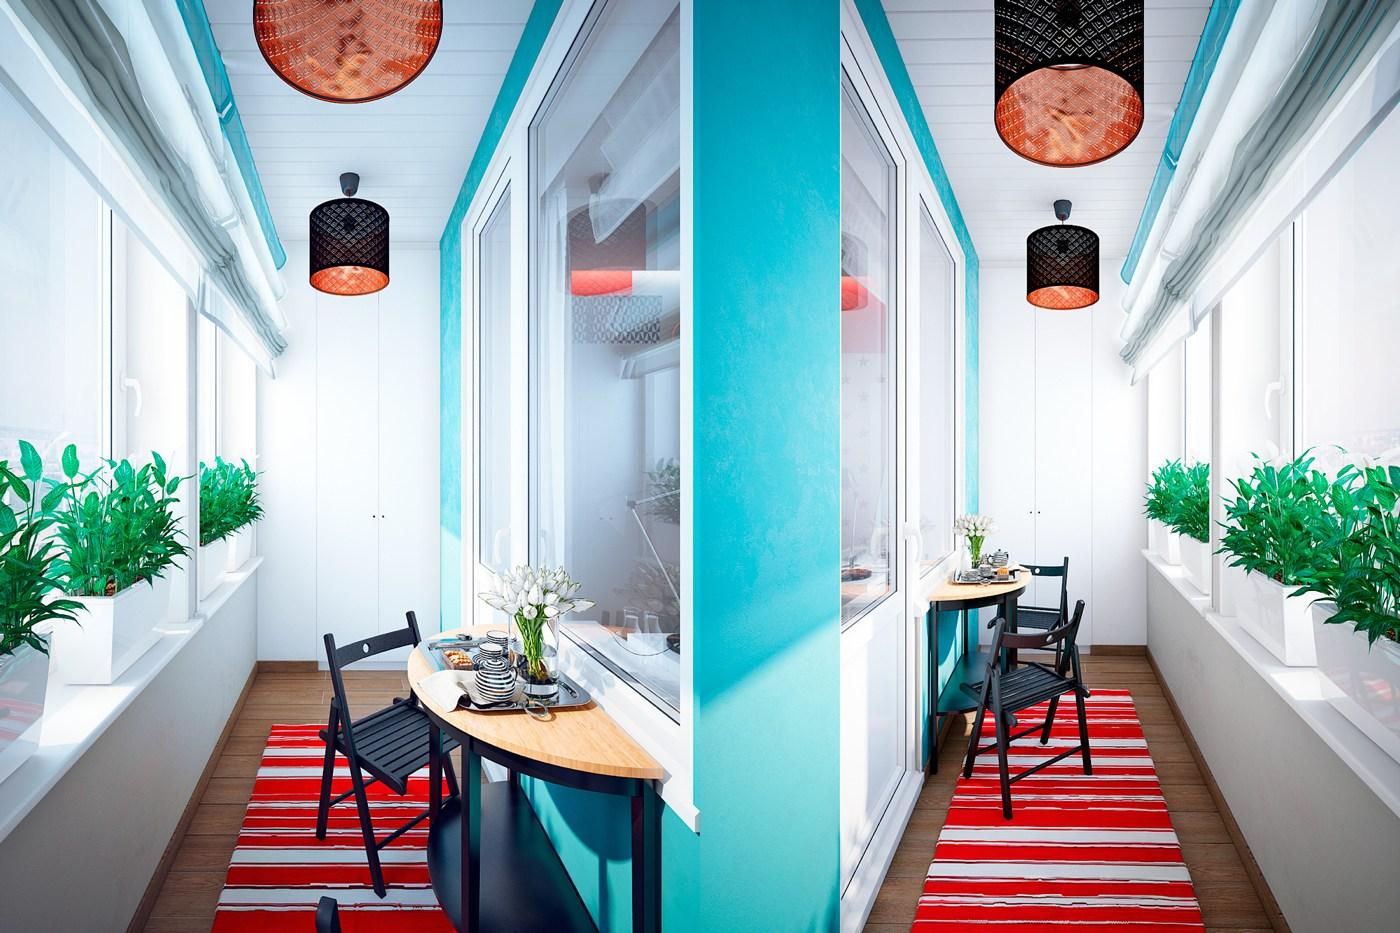 proekt-za-apartament-s-tsveten-i-dinamichen-interior-915g